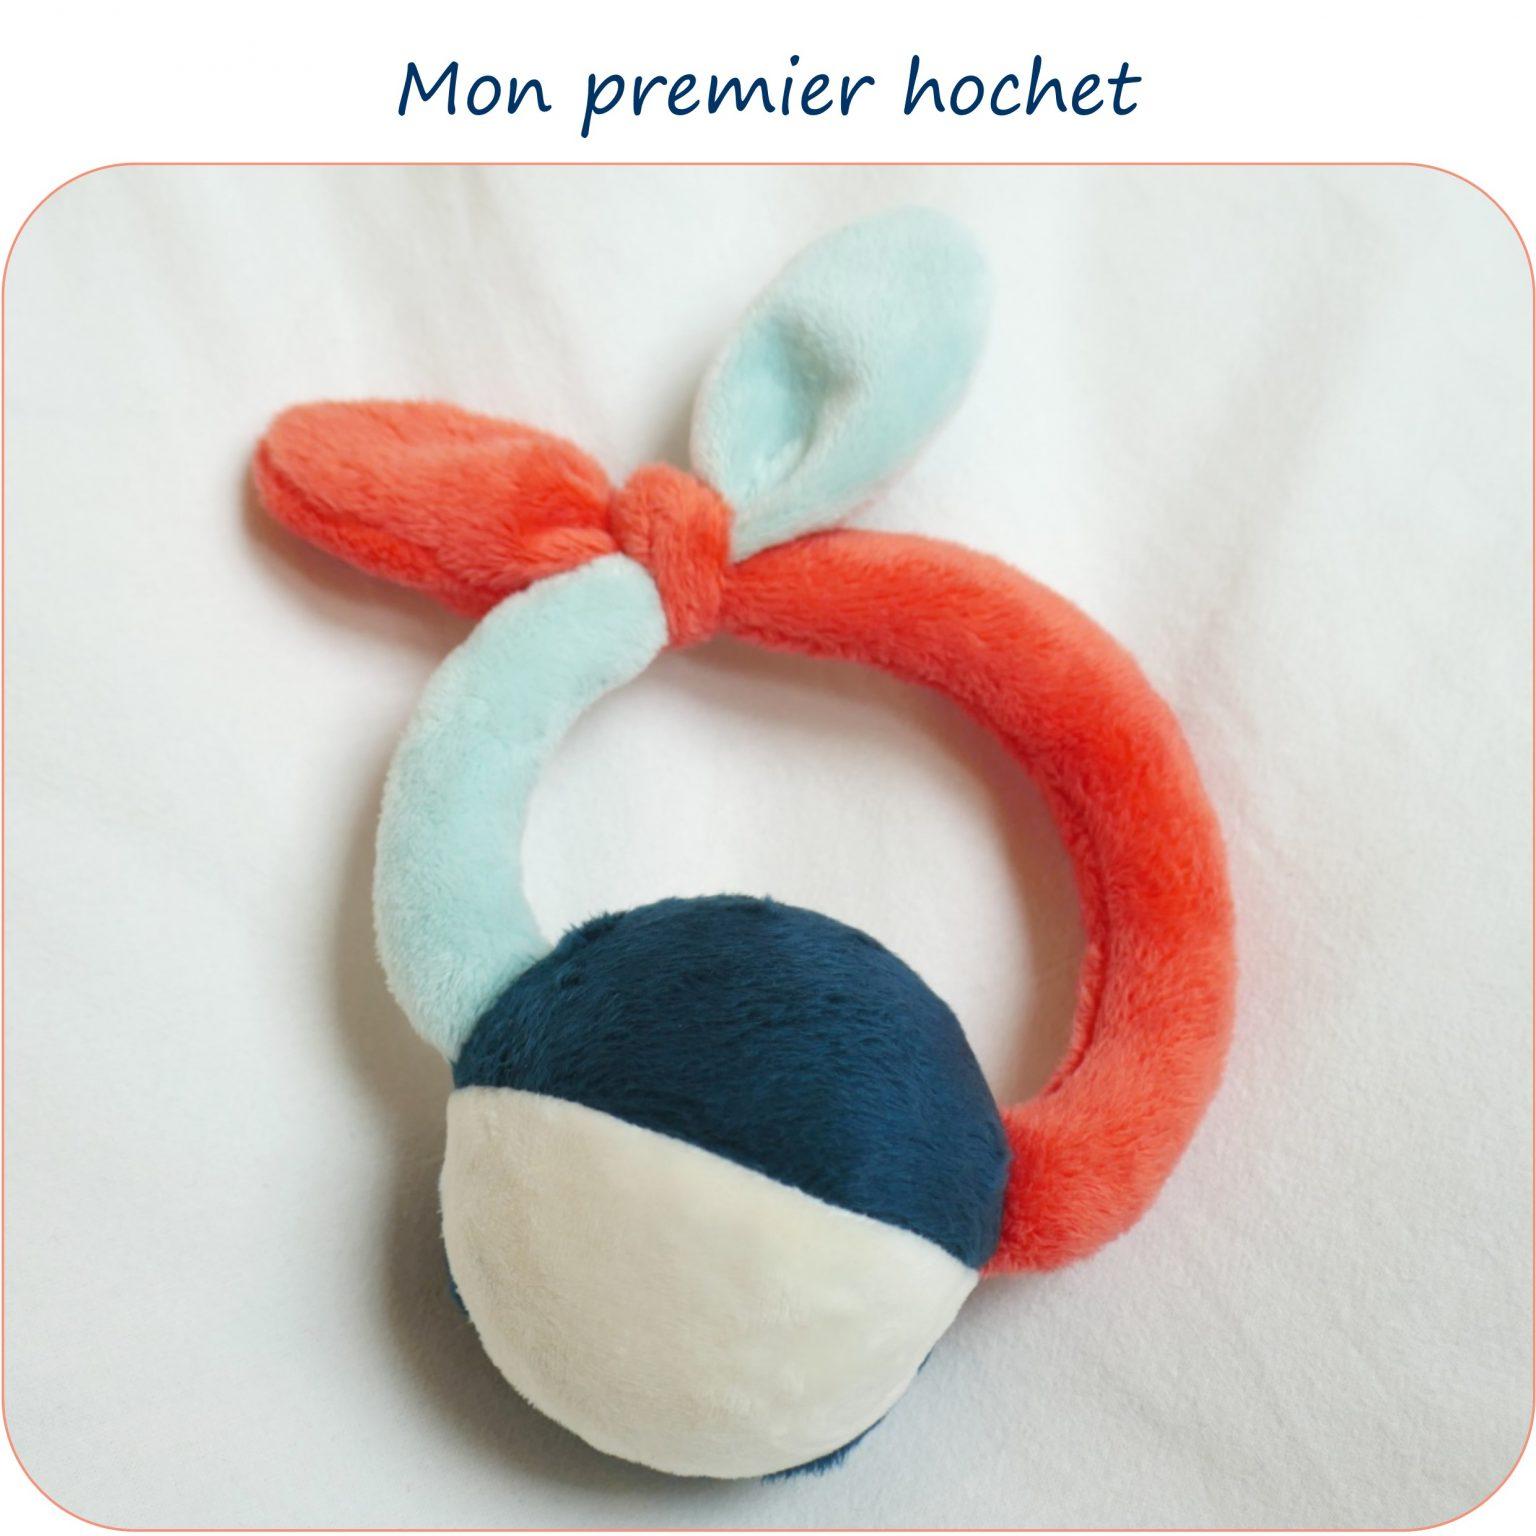 MonPremierHochet-PresentationSite_PetitsDom